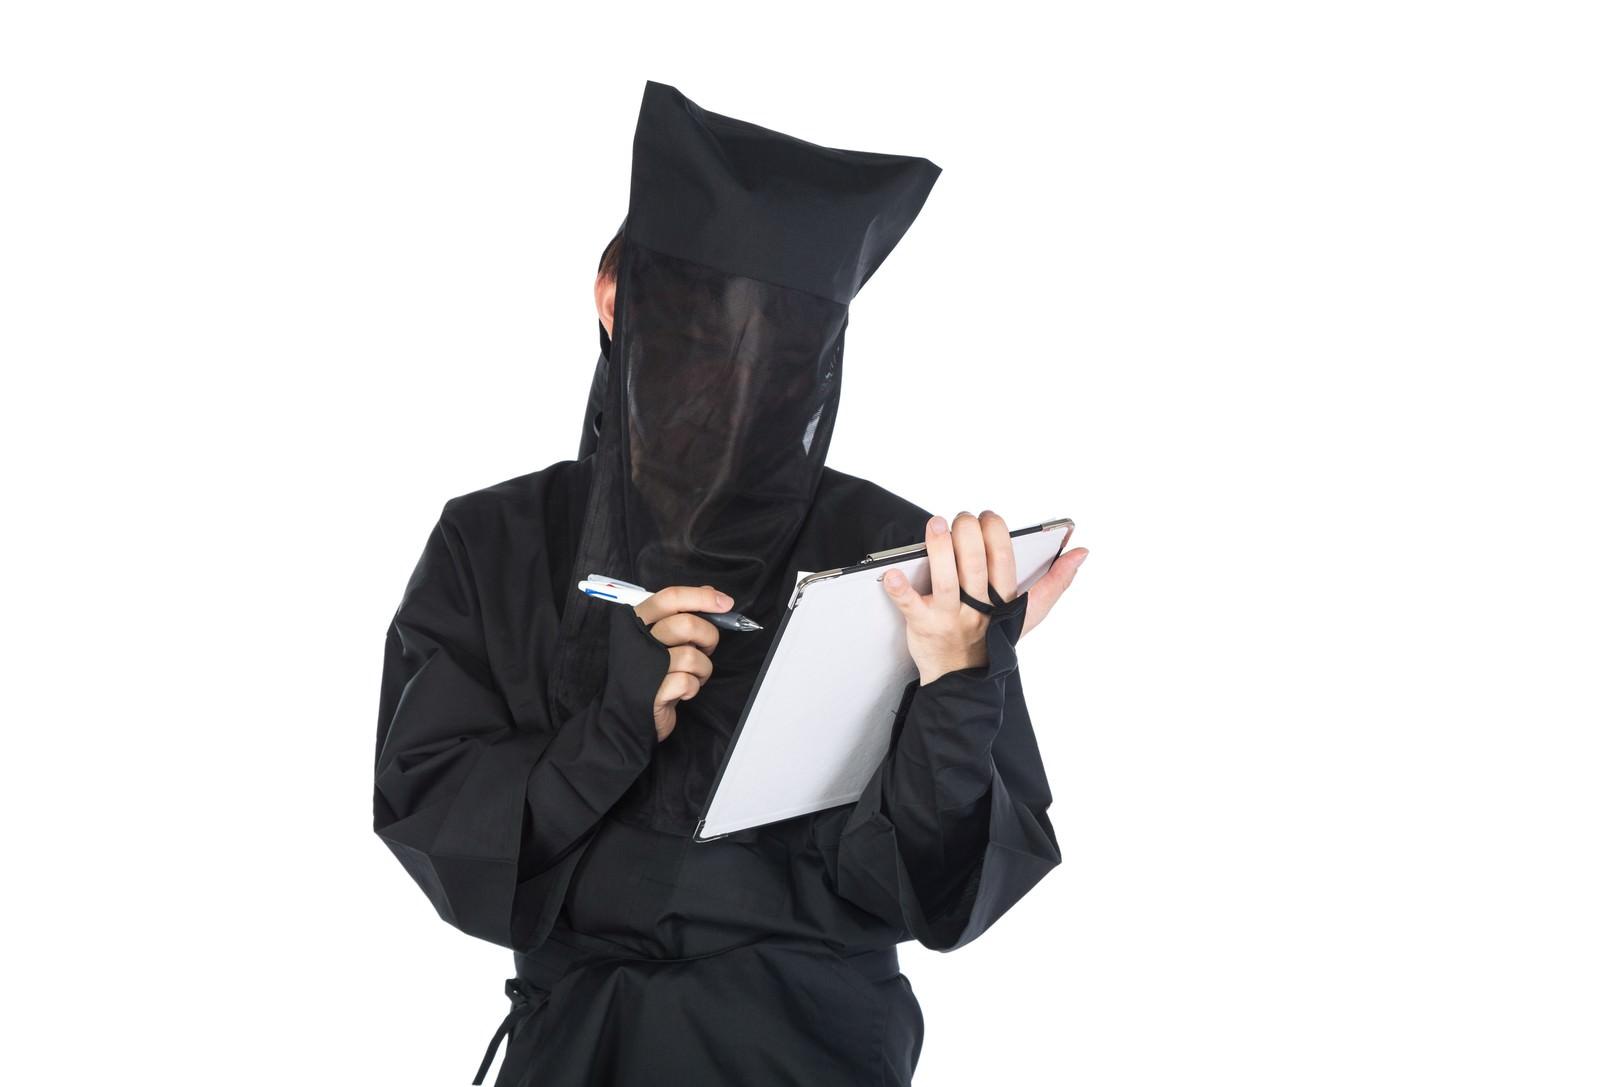 「匿名のチェックシート」の写真[モデル:鈴木秀]